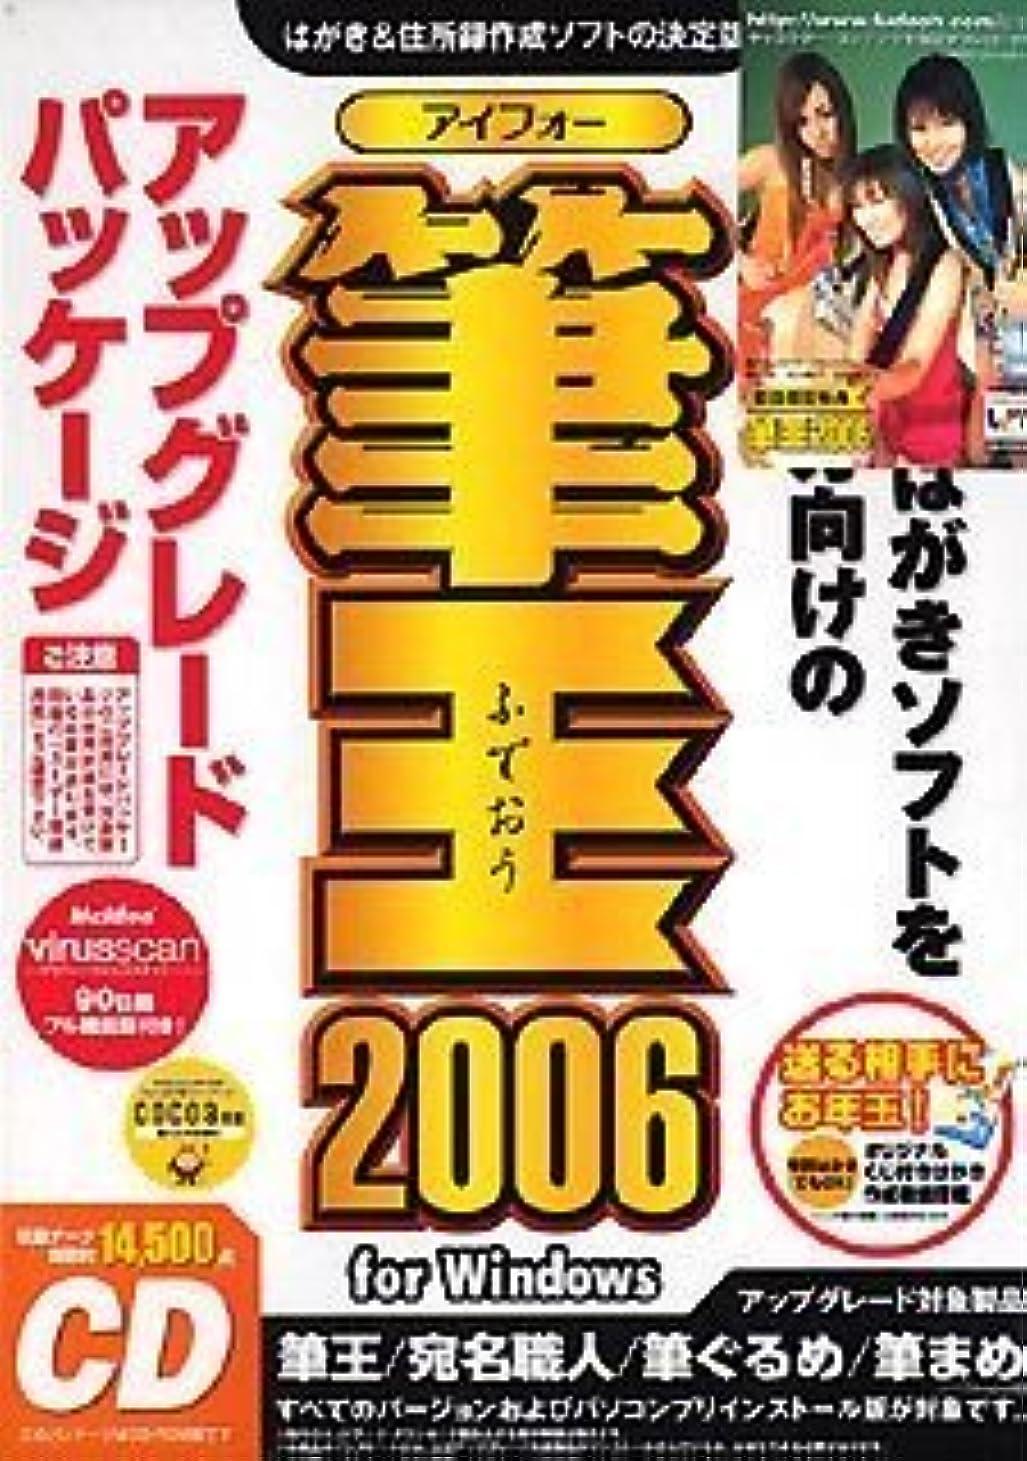 優勢トランザクション六分儀筆王 2006 for Windows アップグレードパッケージ CD-ROM版